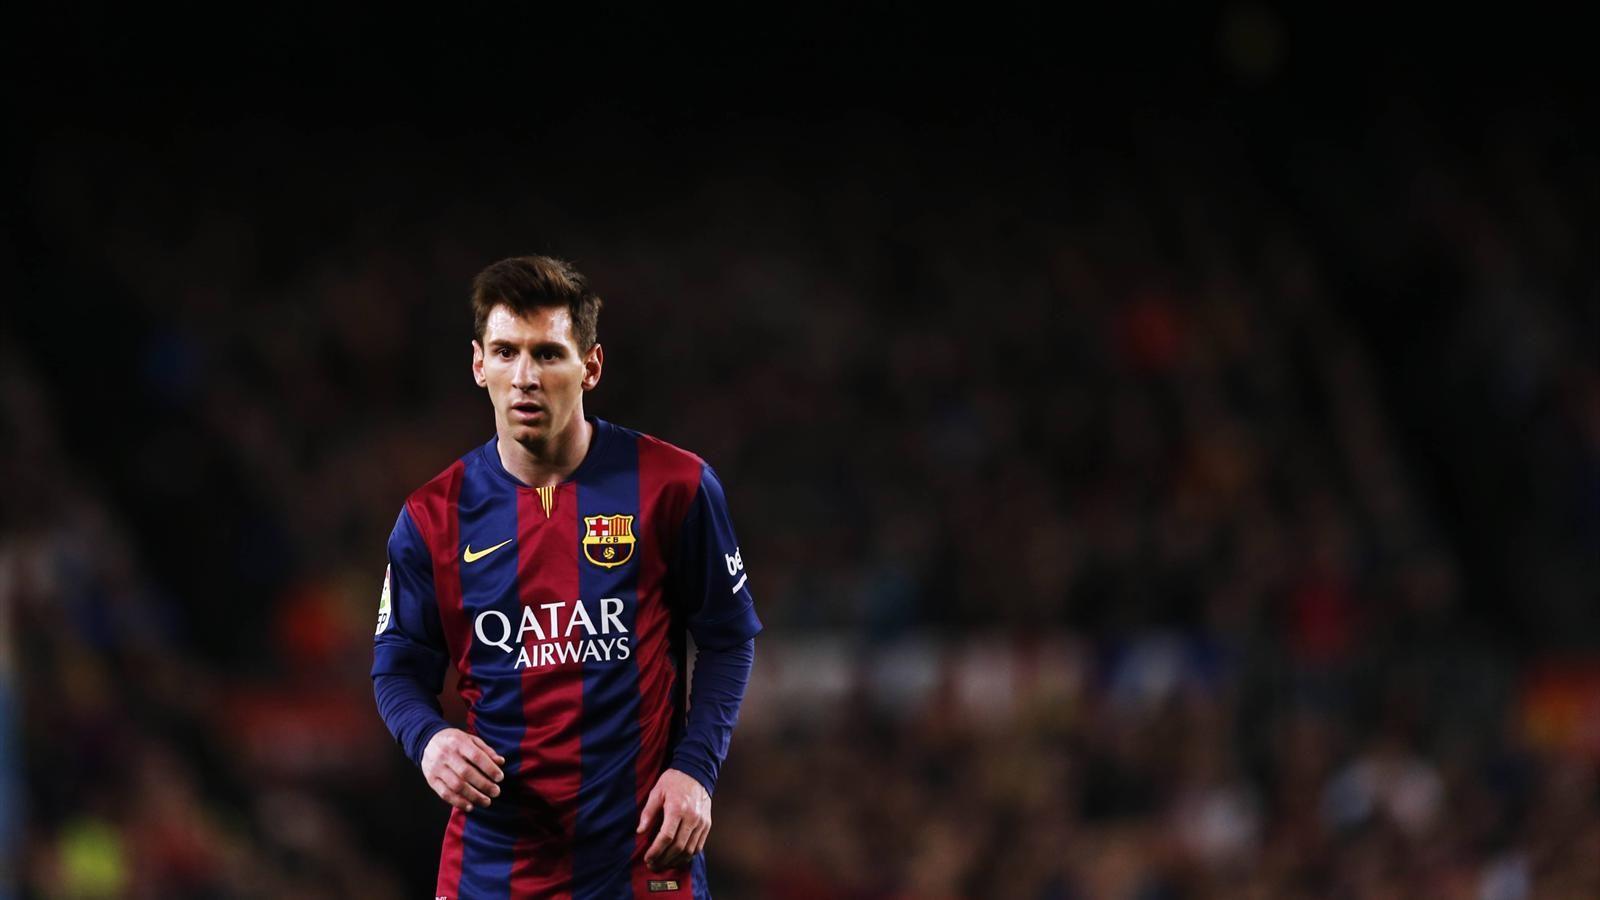 Spécial Messi et FCBarcelone (Part 2) - Page 10 1441763-30832170-1600-900